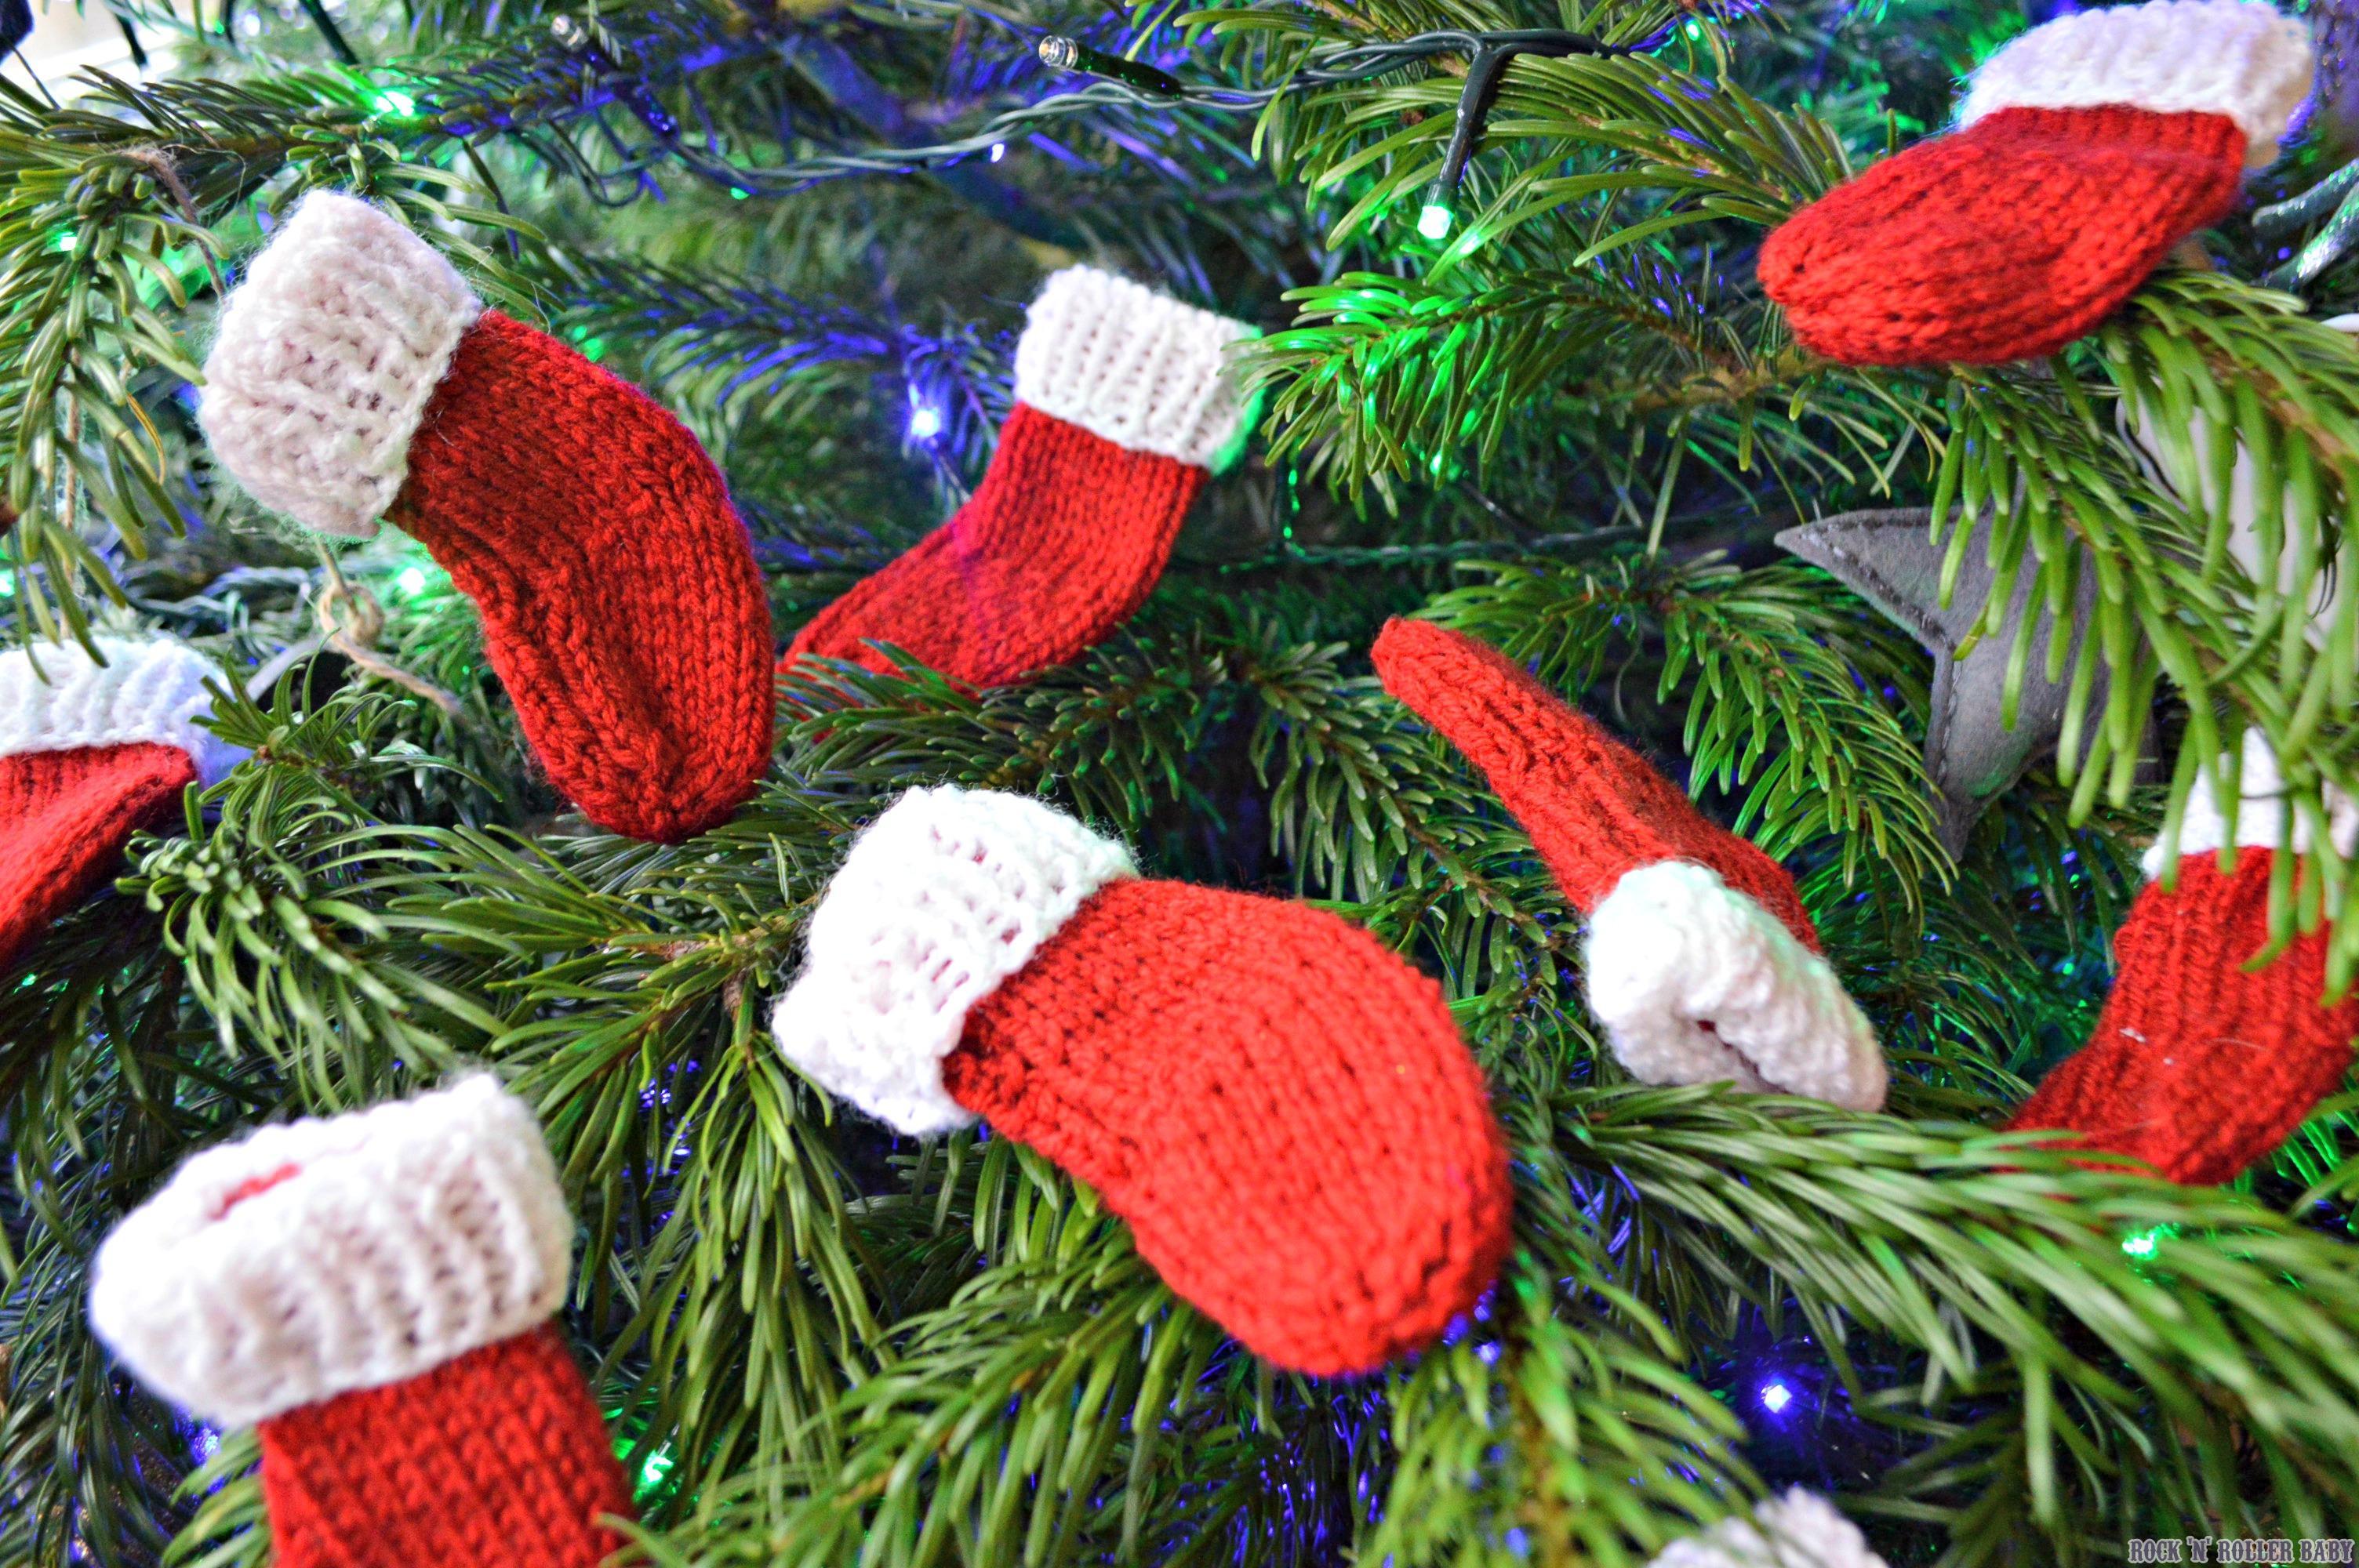 Knitting Christmas Stocking Pattern Free.Mini Christmas Stockings Free Knitting Pattern Rocknrollerbaby